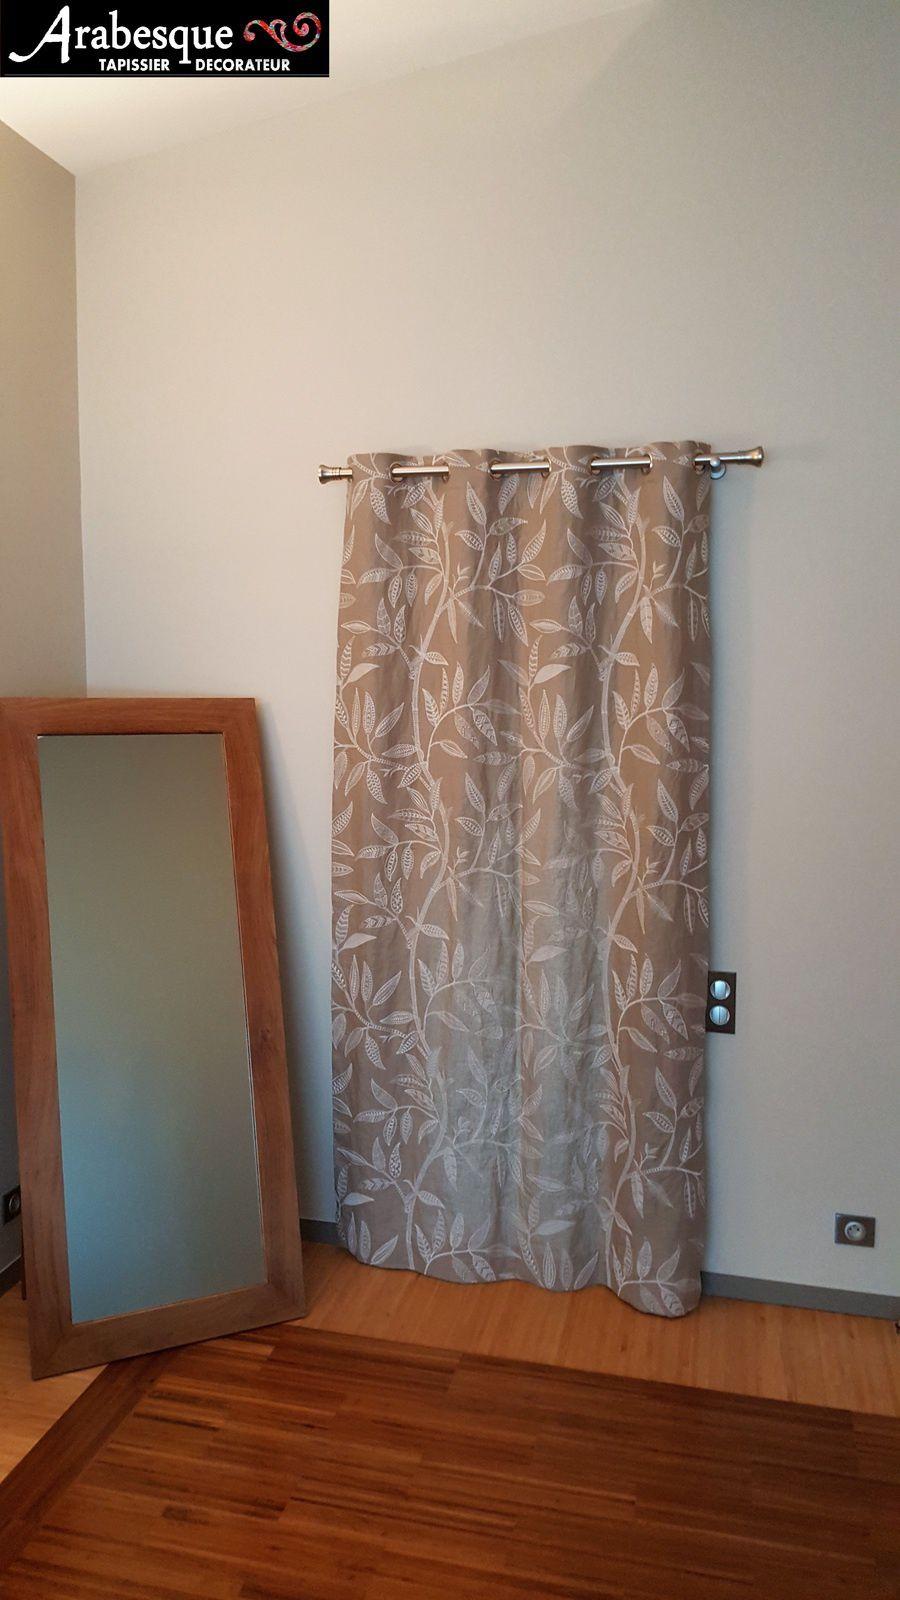 installation tringle et confection rideau lin brodé arabesque